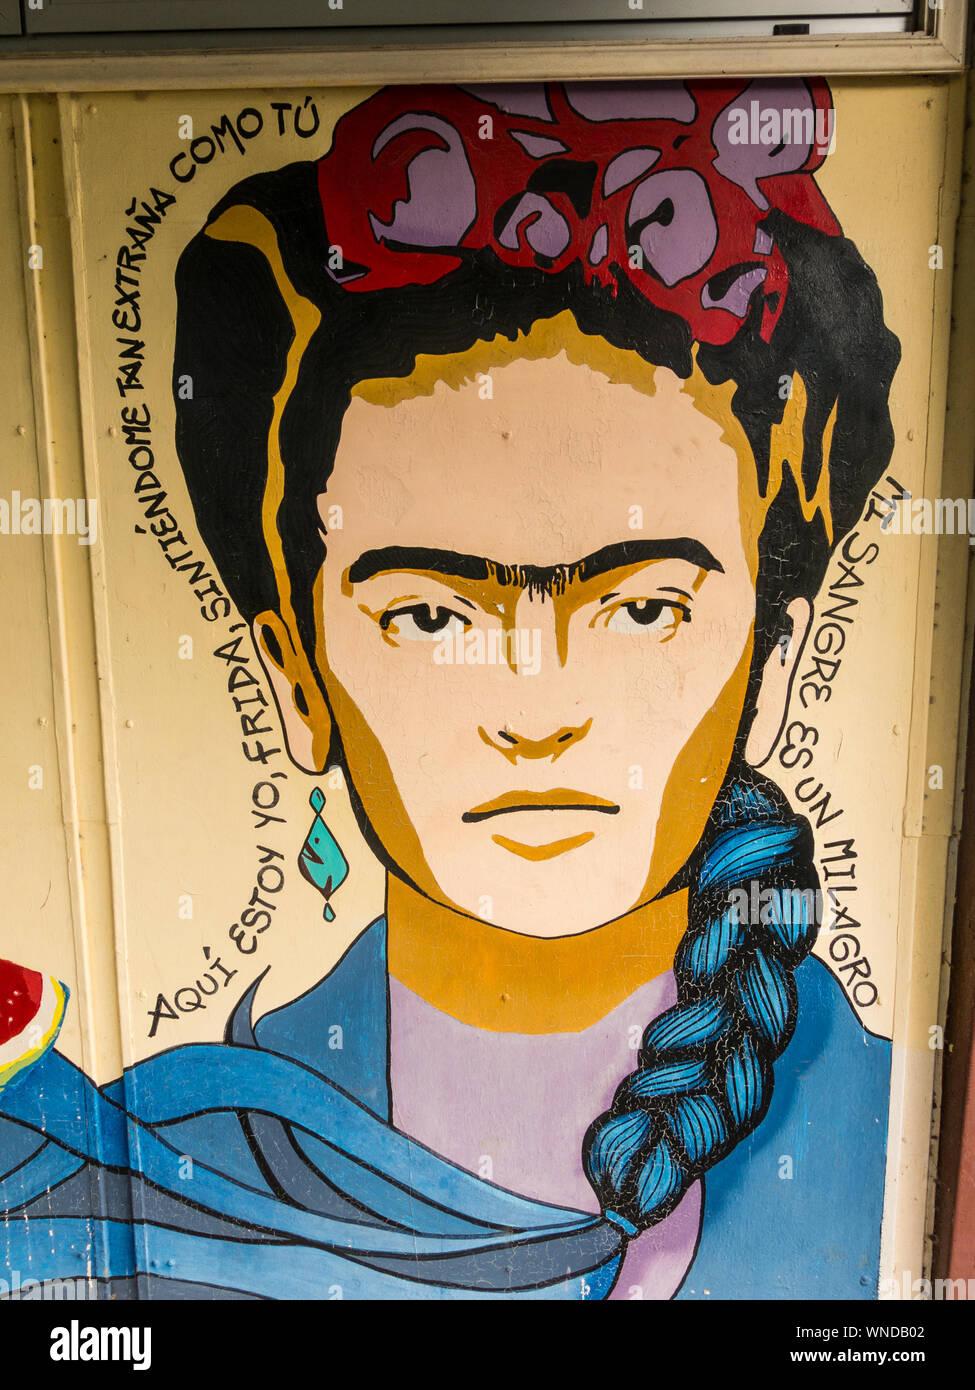 Frida Immagini Frida Fotos Stock Alamy